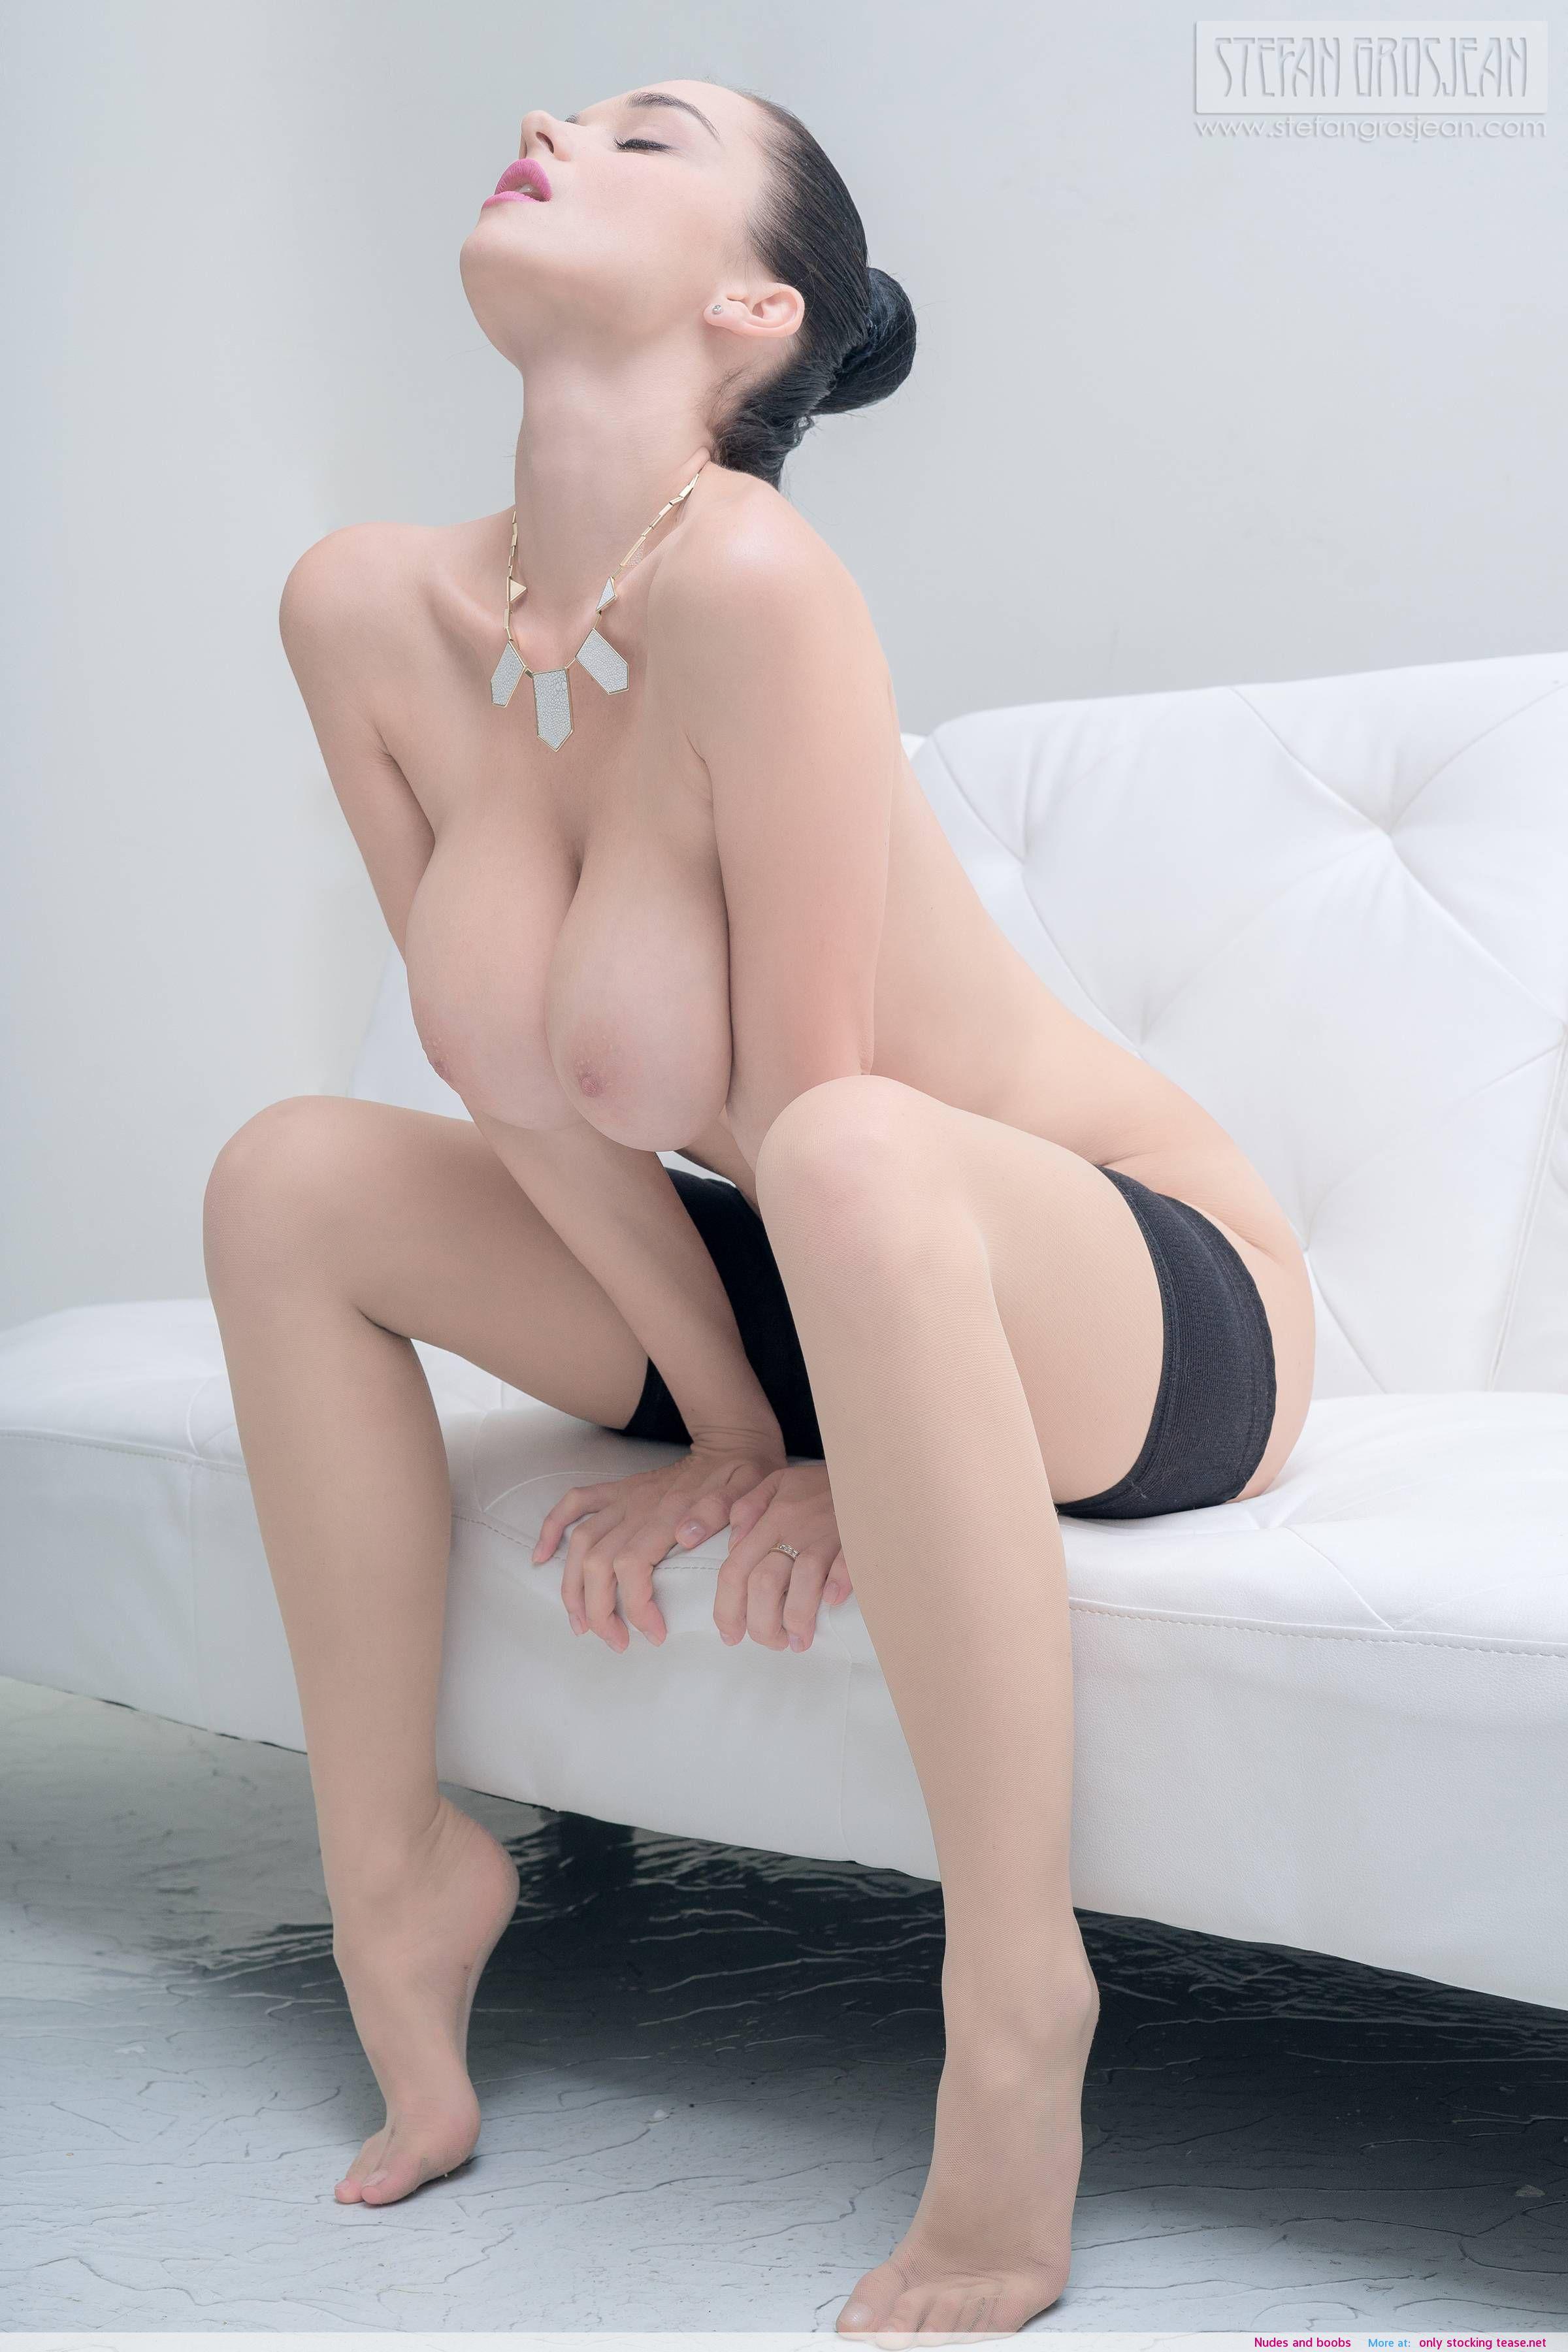 demi lovato has small breasts